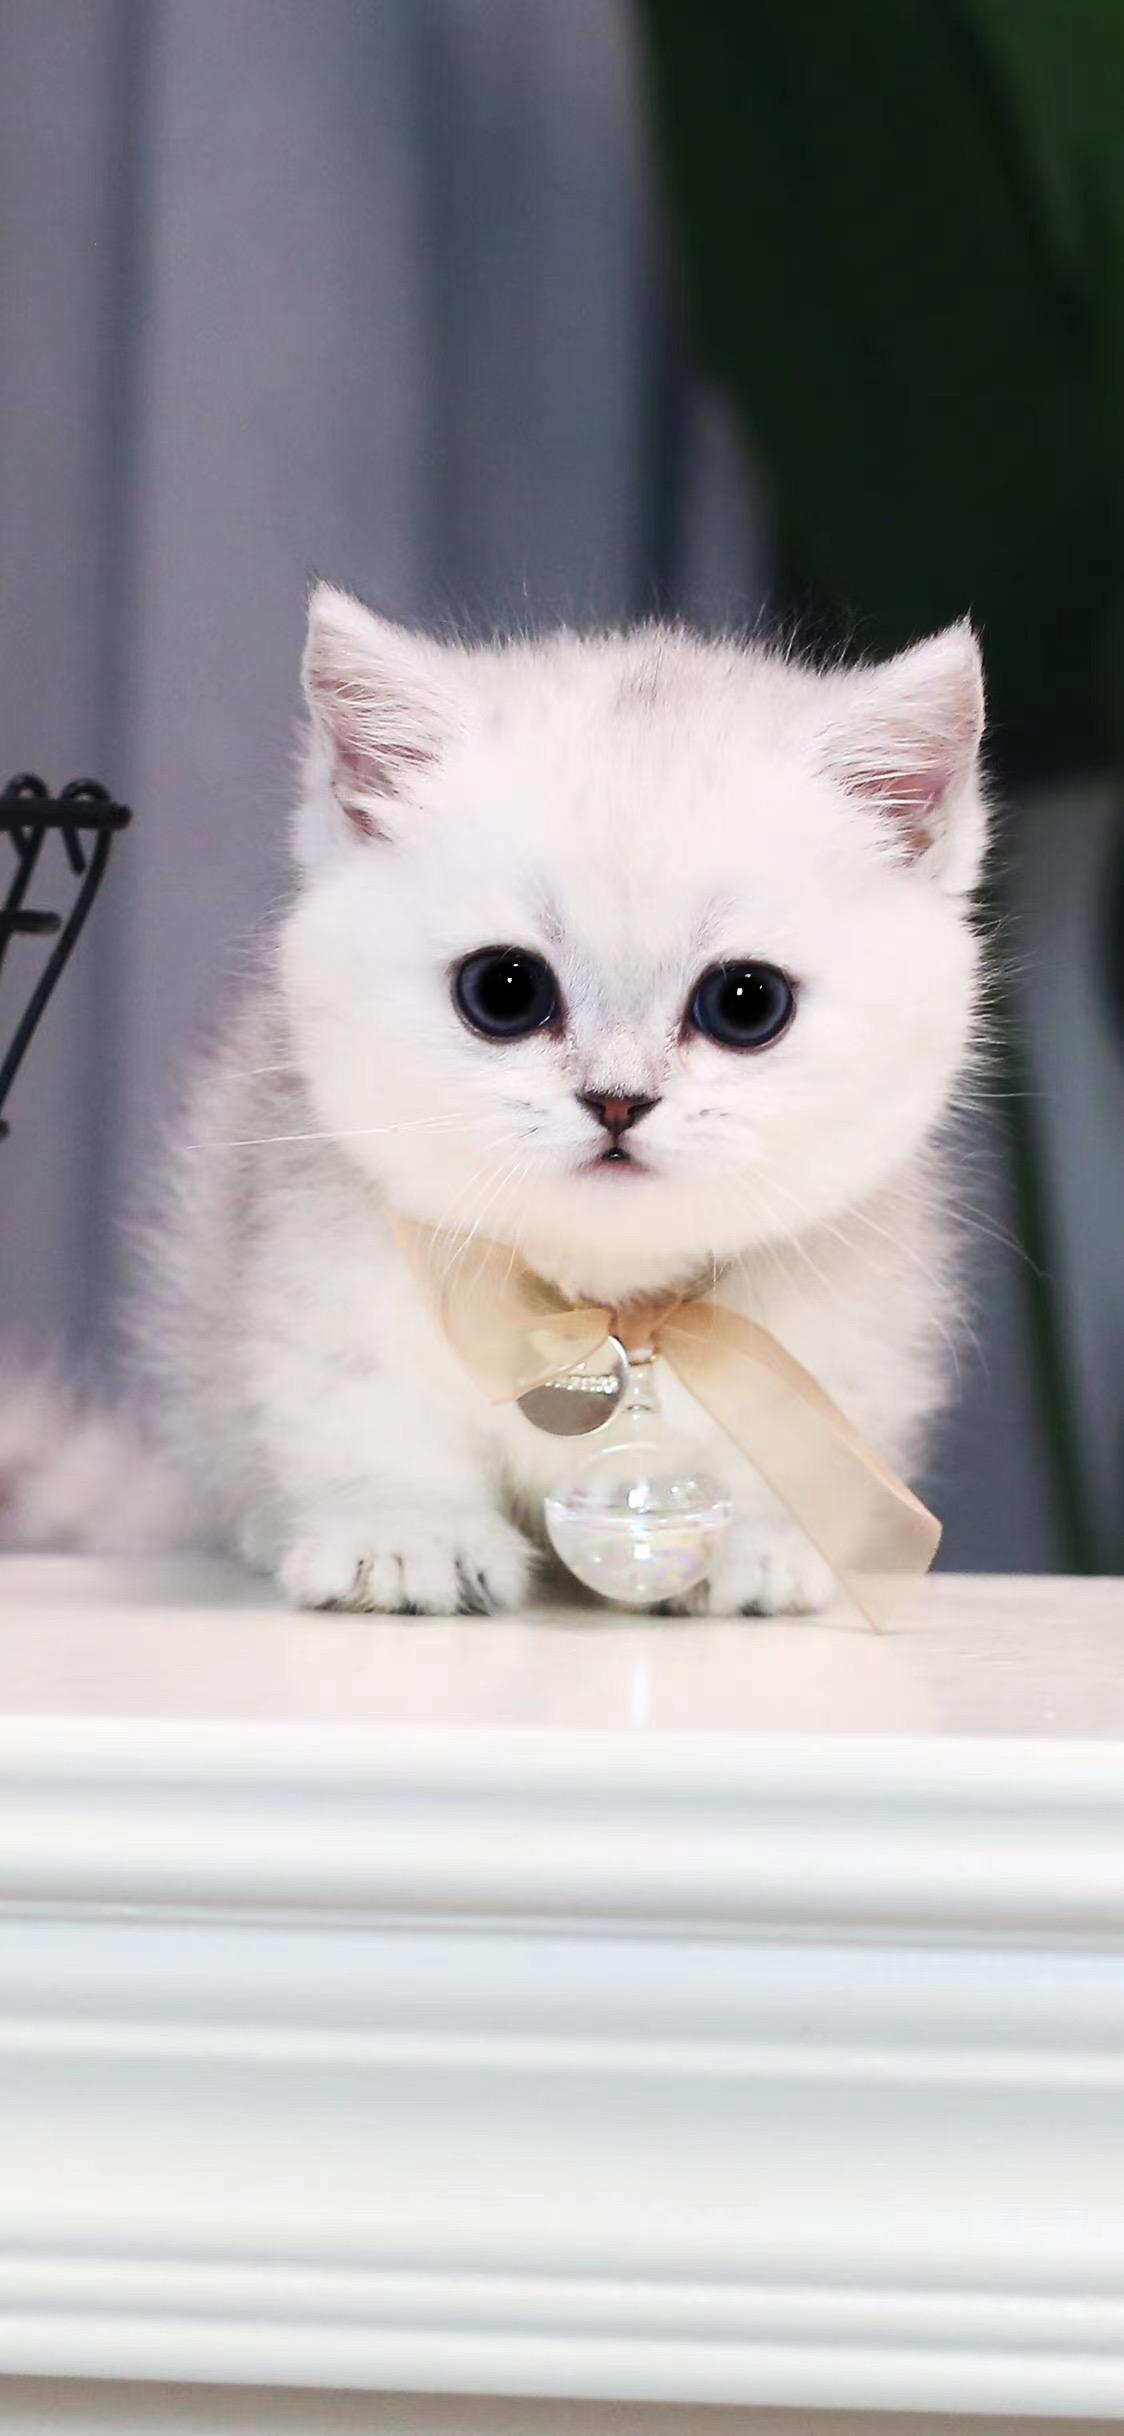 家养宠物猫曼基康矮脚猫拖地矮大眼萌无敌小可爱